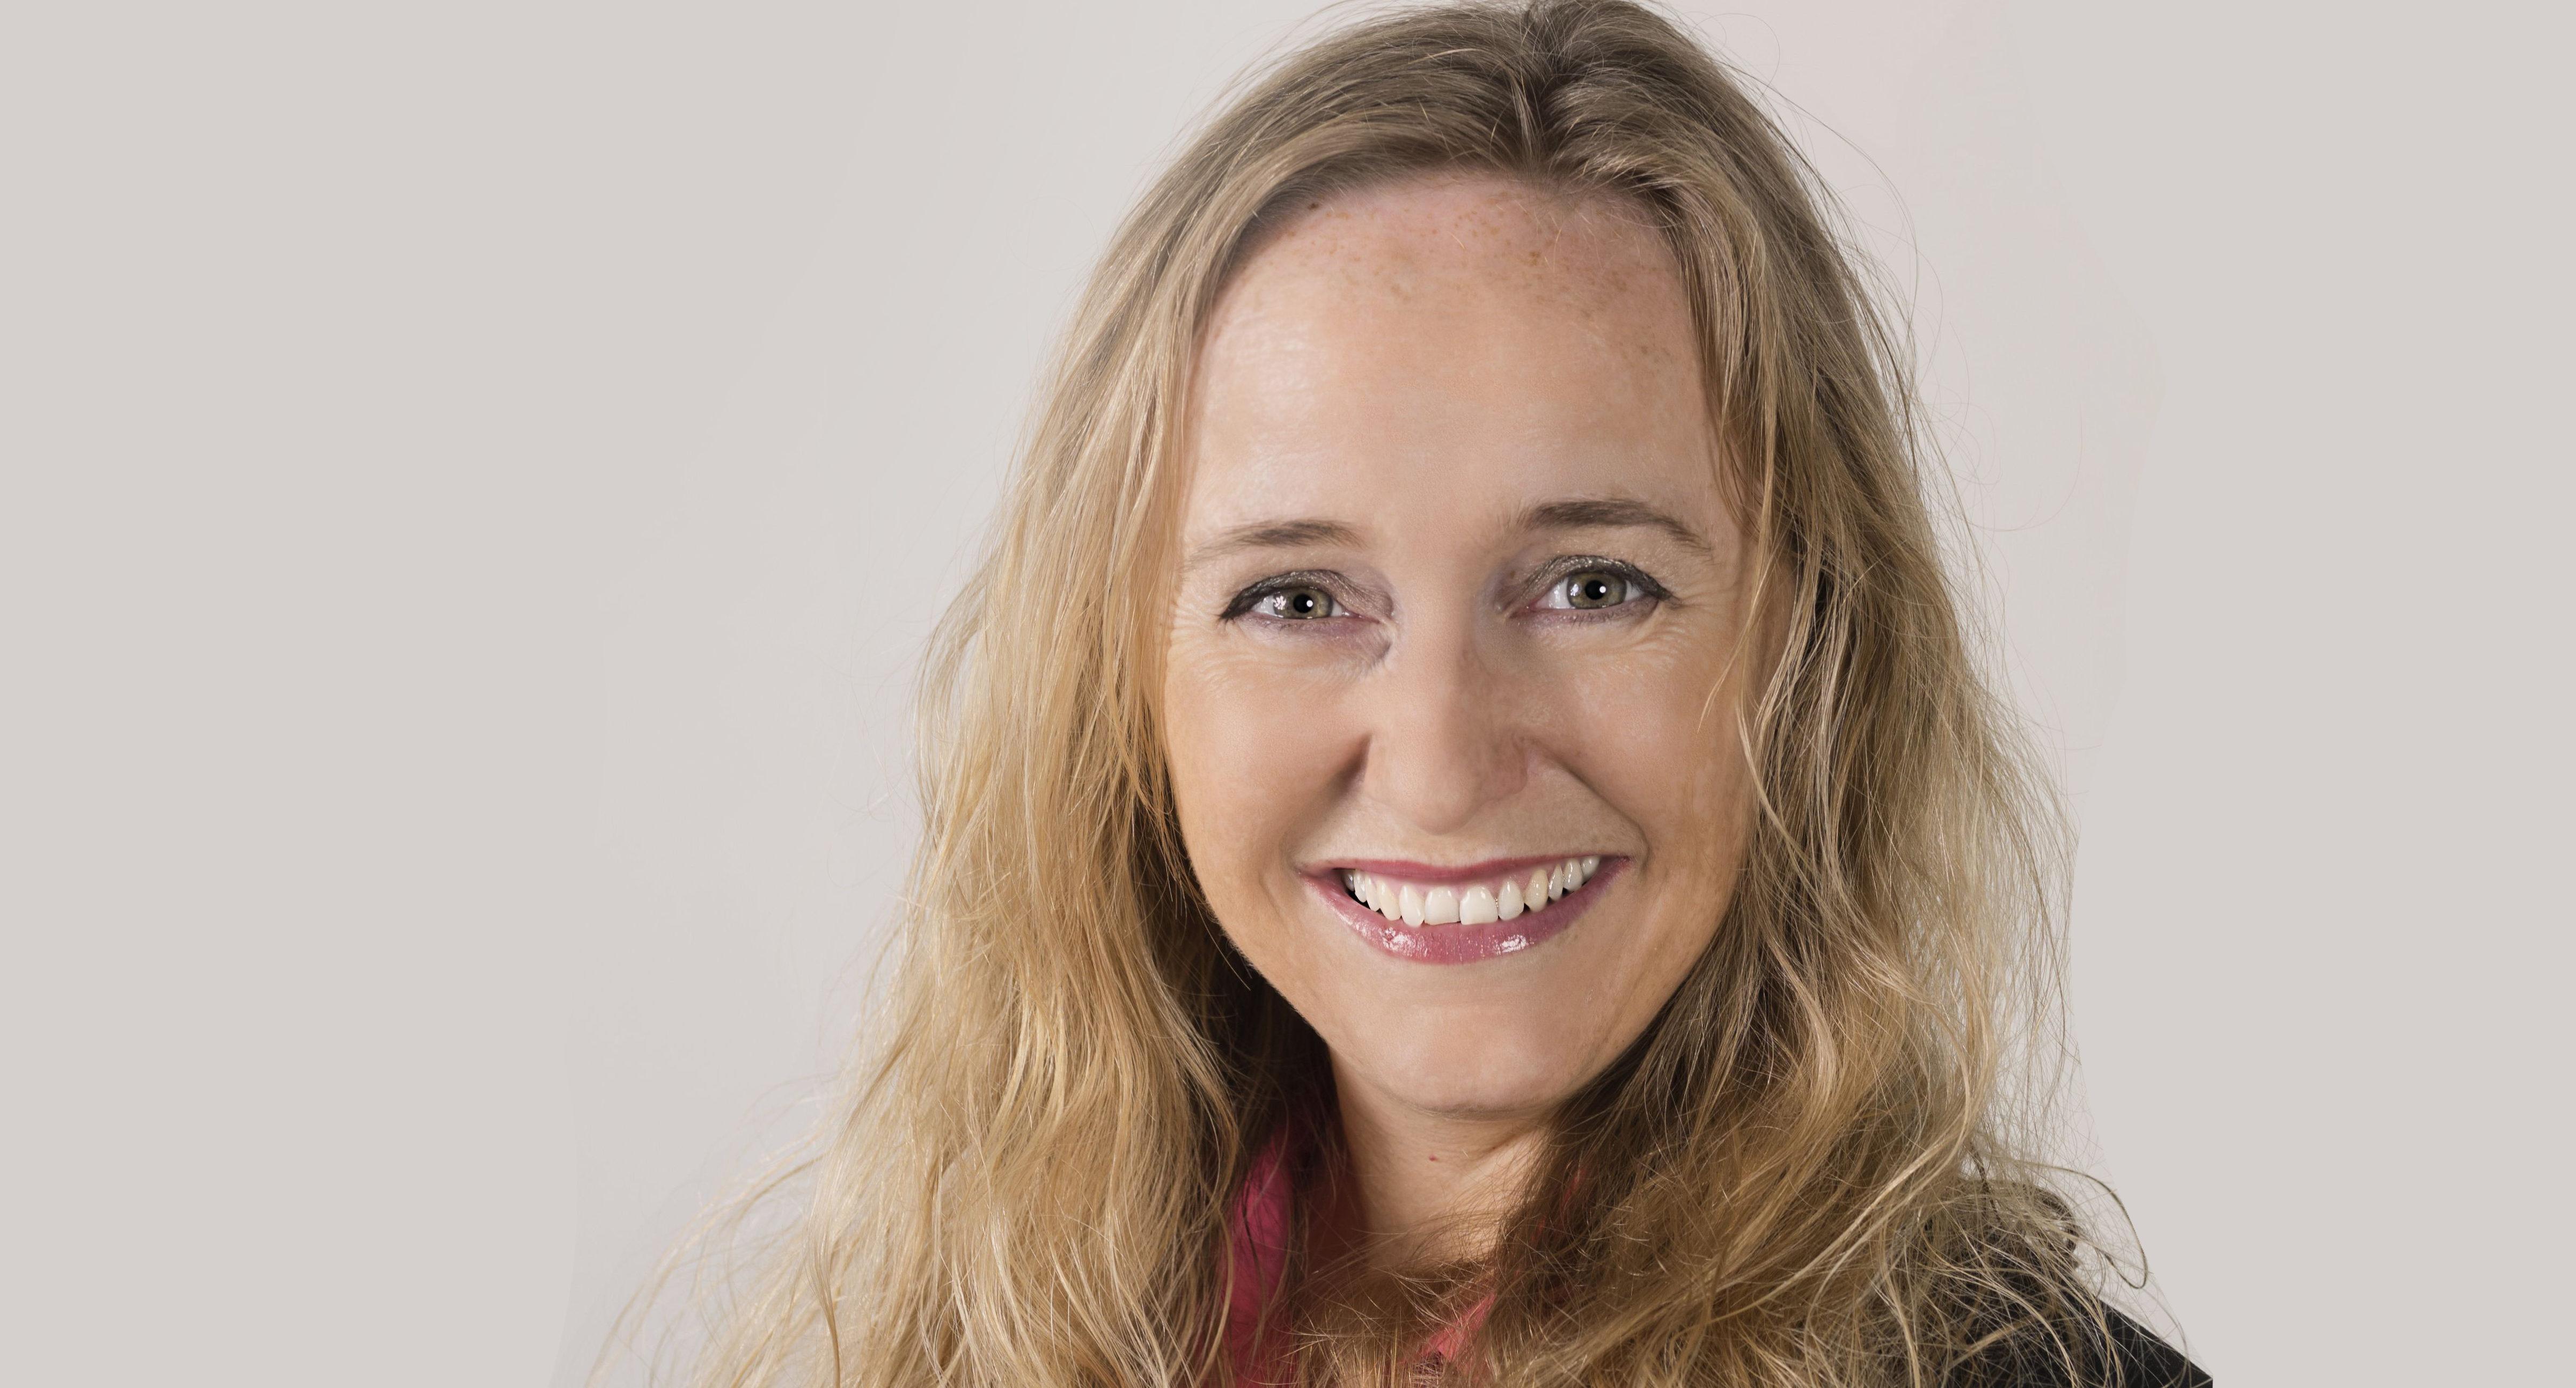 Nicole Marmé ist Professorin an der PH Heidelberg und für die CDU im Stadtrat. Foto: Steffen Diemer